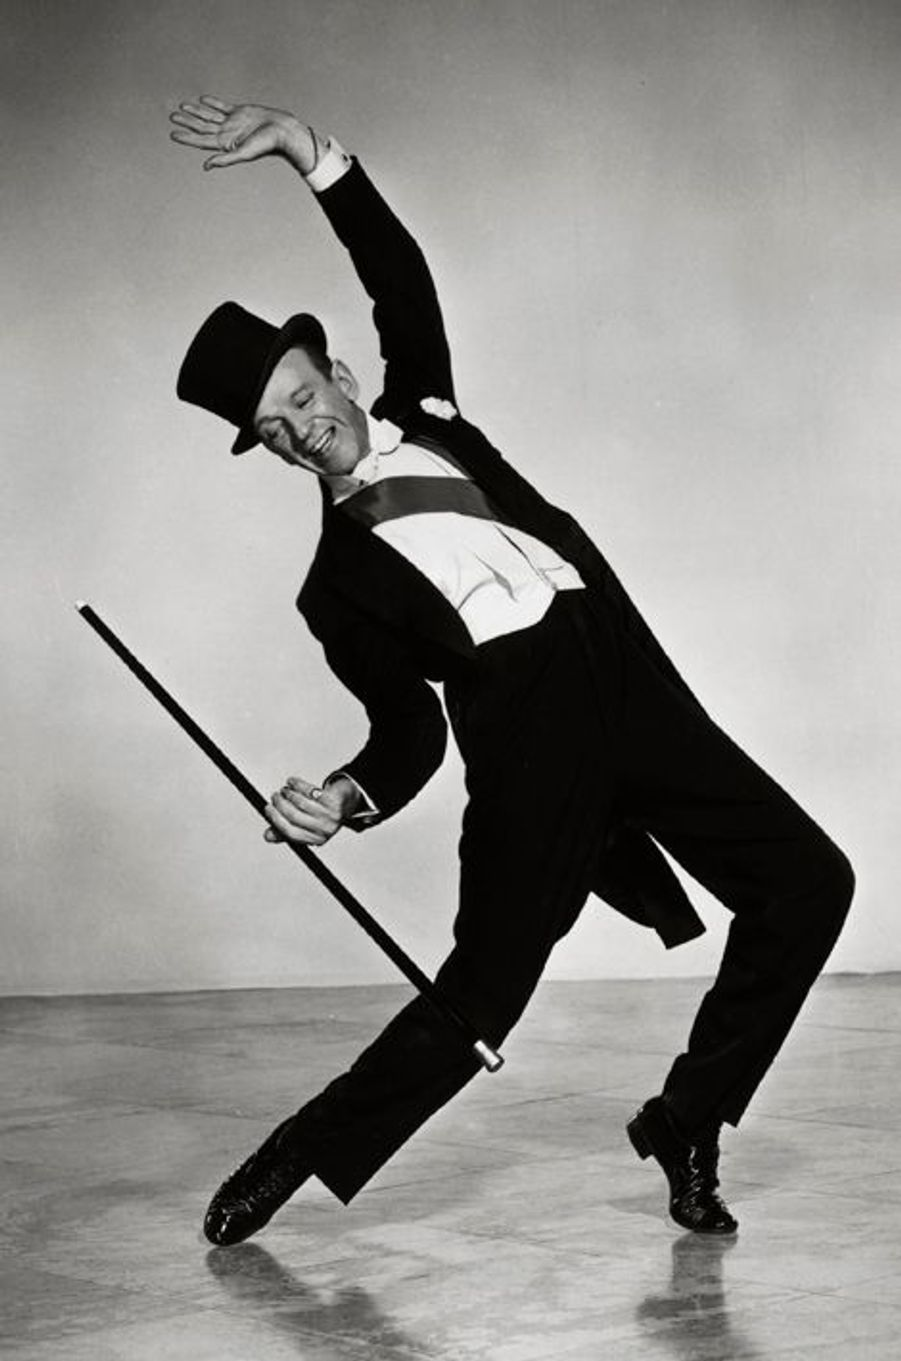 Fred Astaire et ses pieds évalués à 75 000 dollars chacun